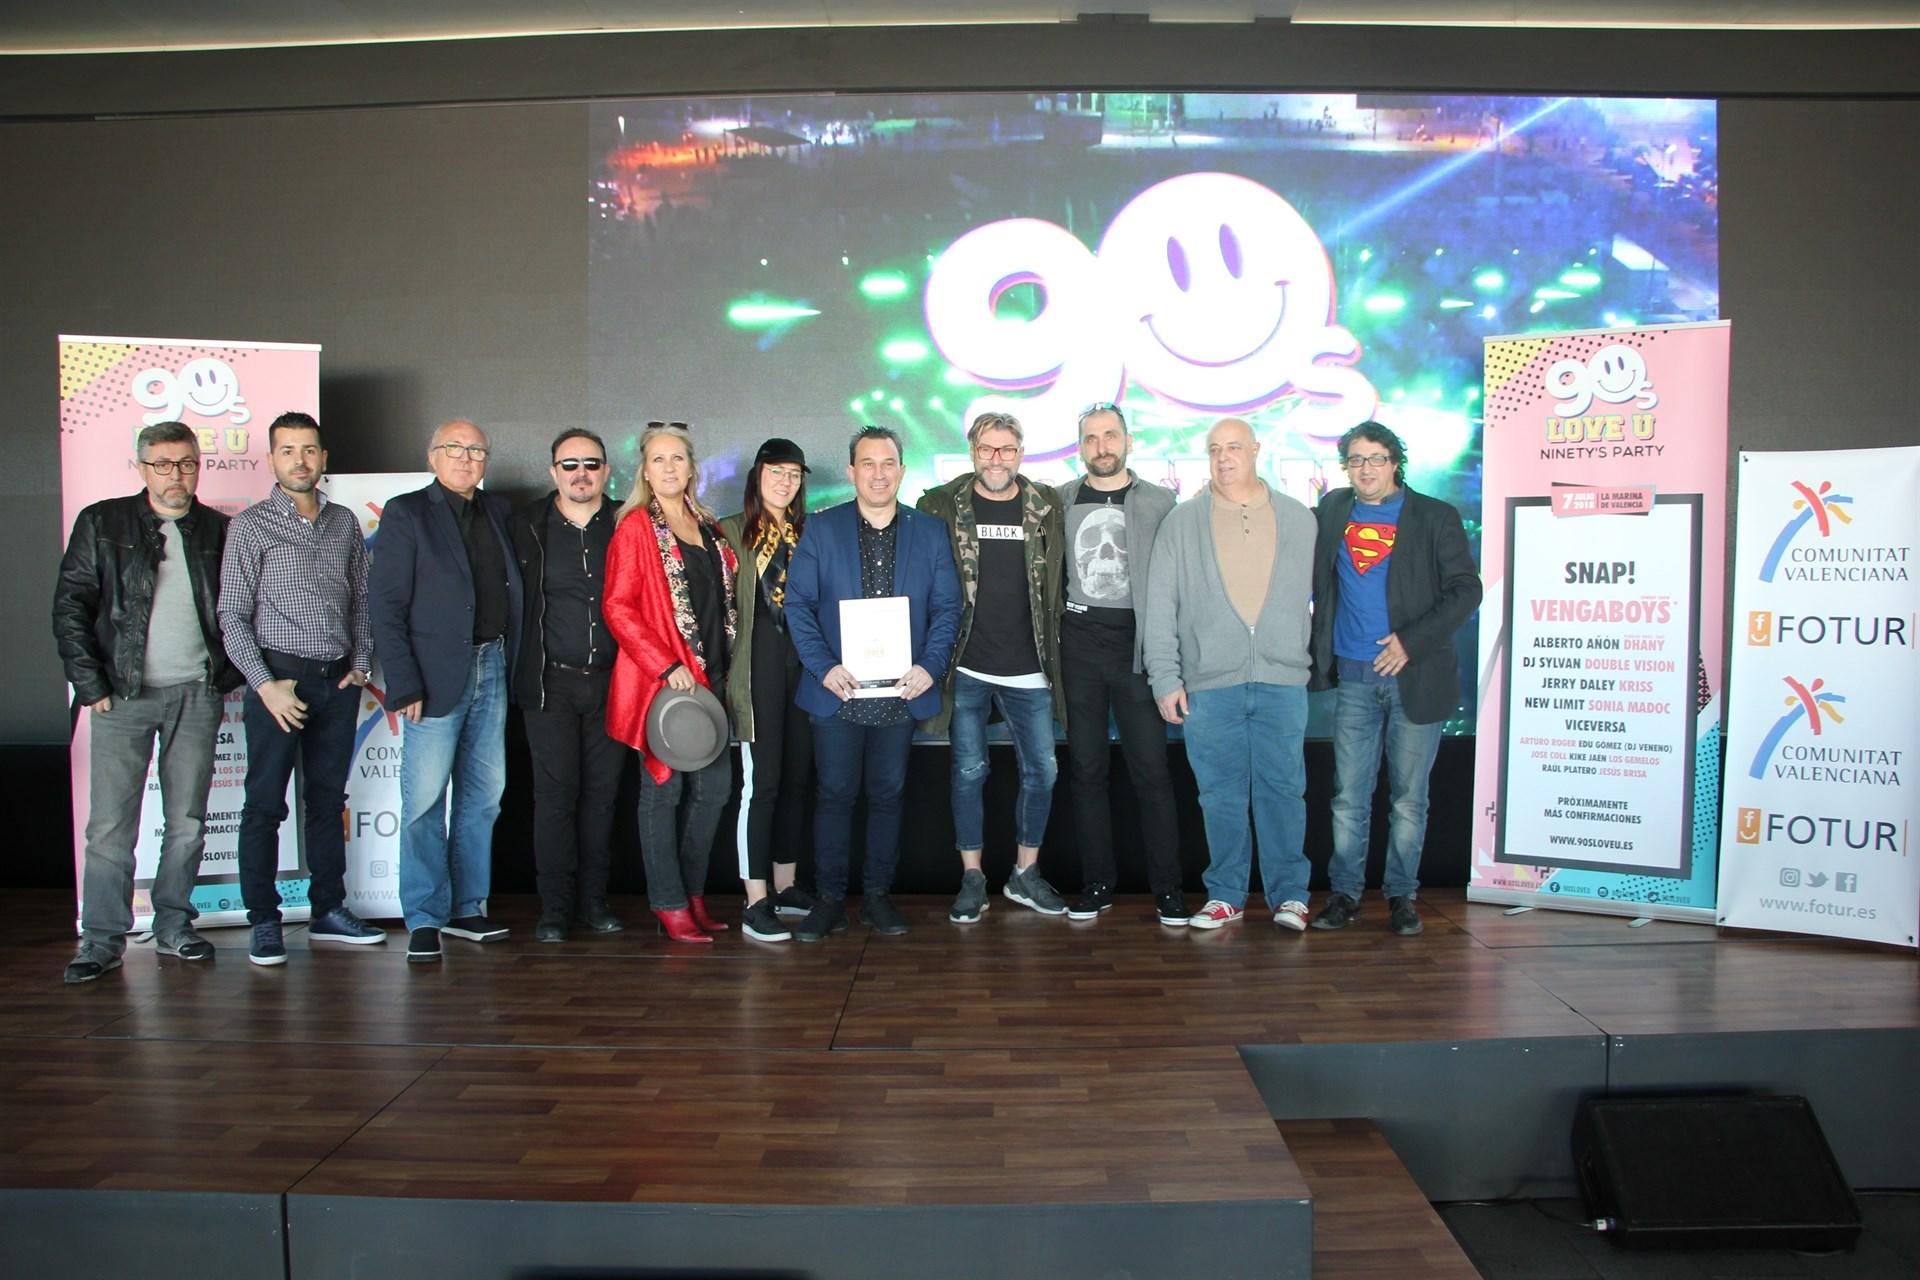 """València será """"capital del remember"""" con el festival 90sloveu en La Marina"""